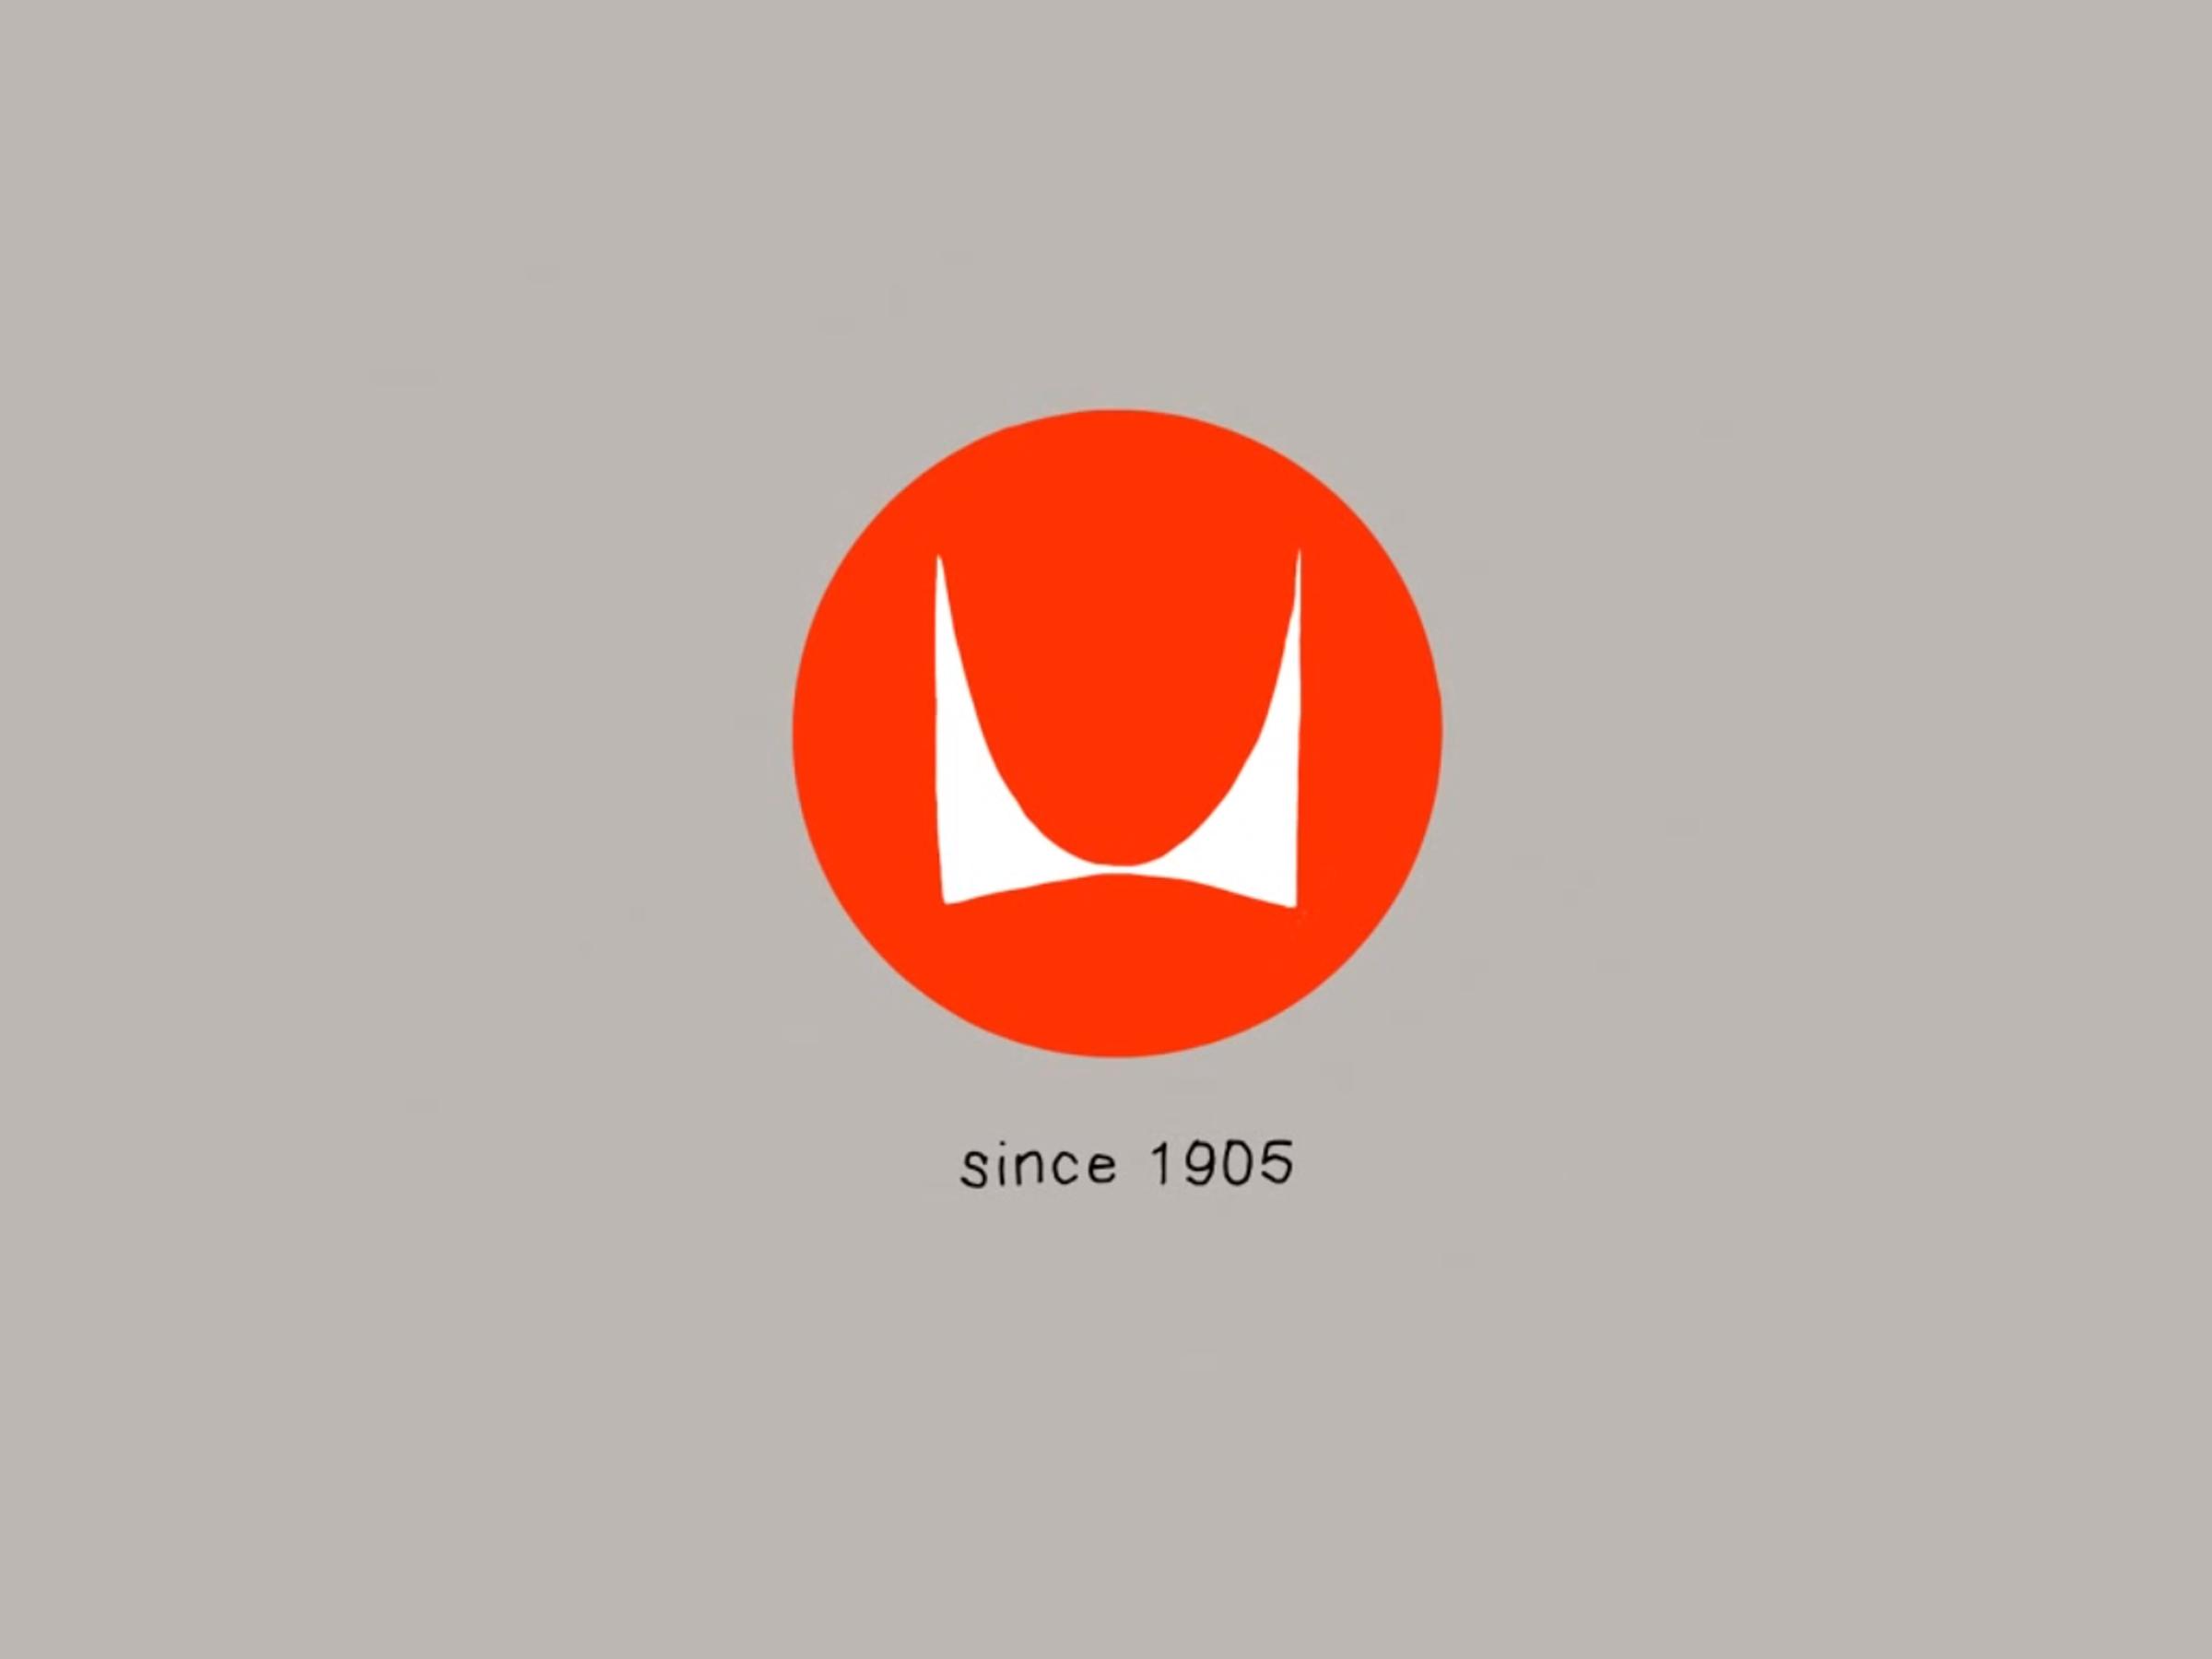 Pin By Staples Design On Herman Miller Furniture Herman Miller Furniture Tech Company Logos Company Logo